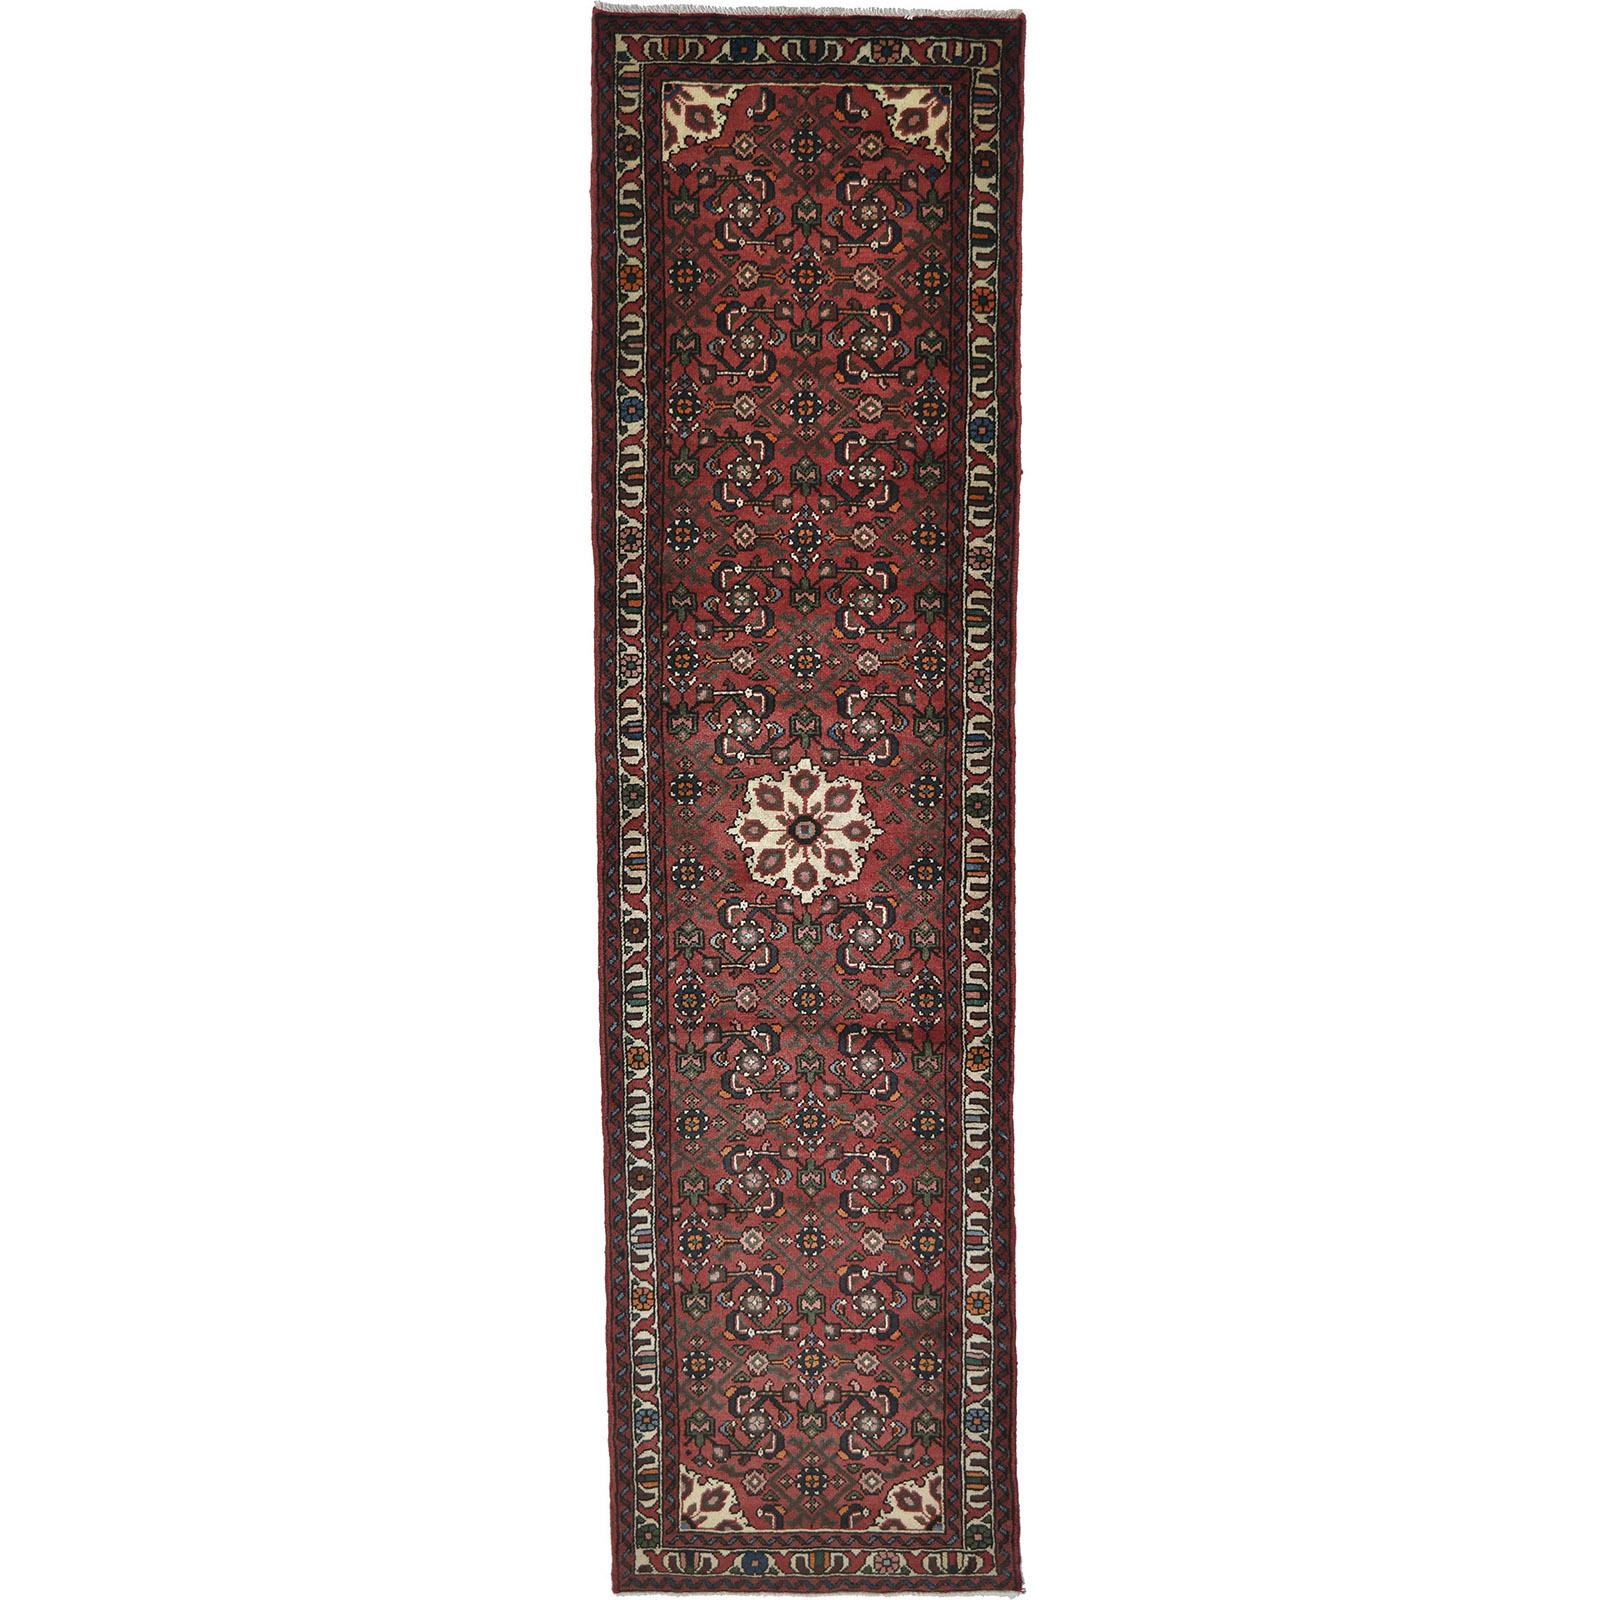 Hosseinabad matta storlek 282x77 cm